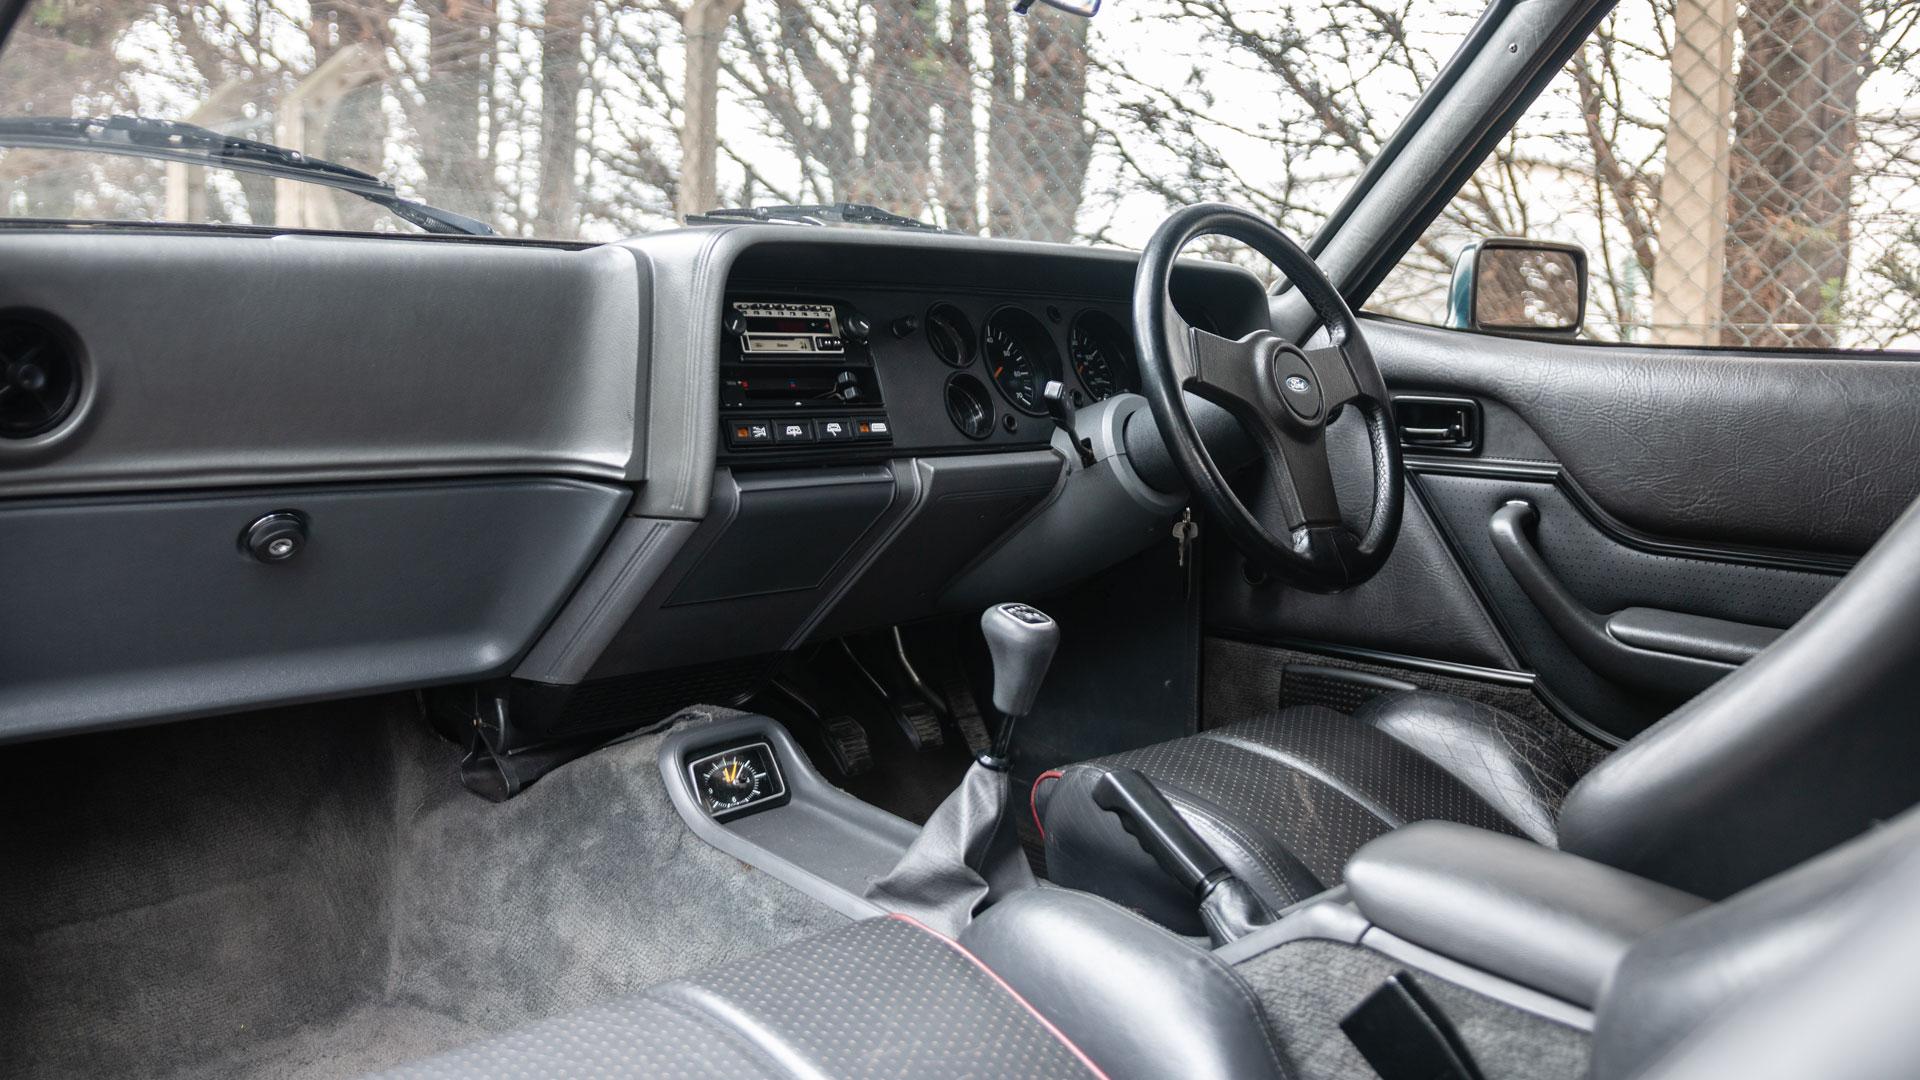 Ford Capri 280 interior